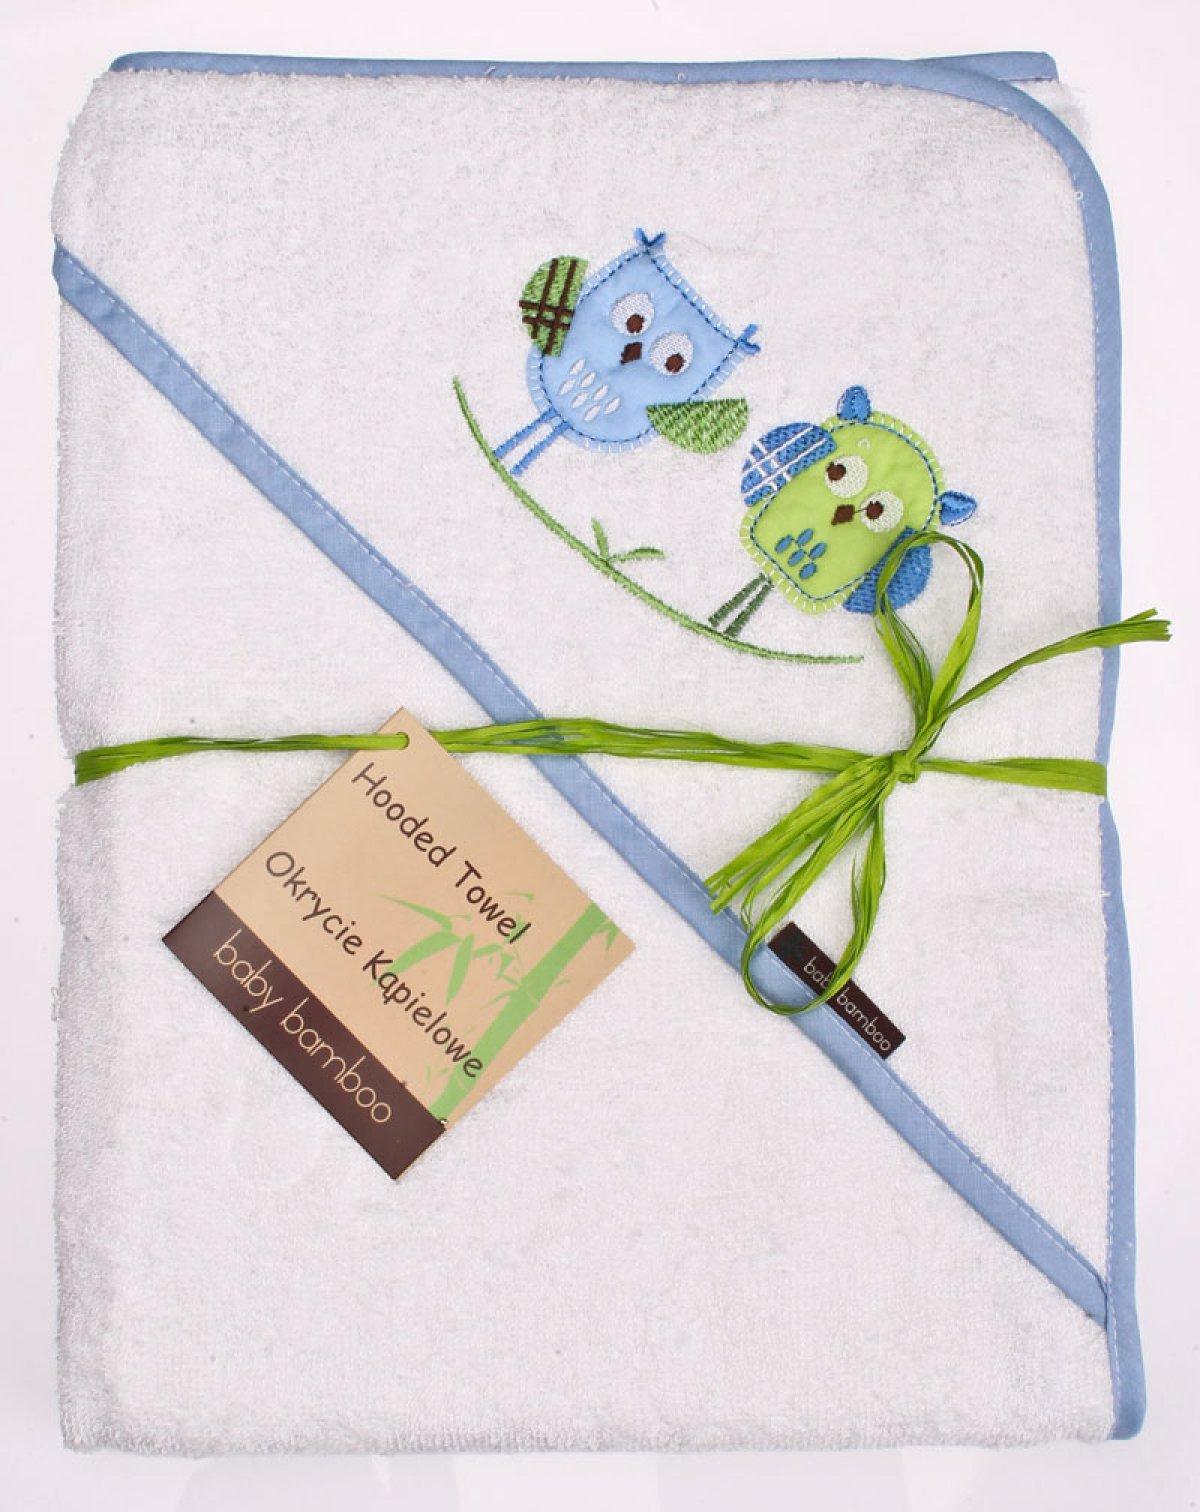 Bambusová osuška s kapucí 100x100 cm sovy bílá/modrý lem